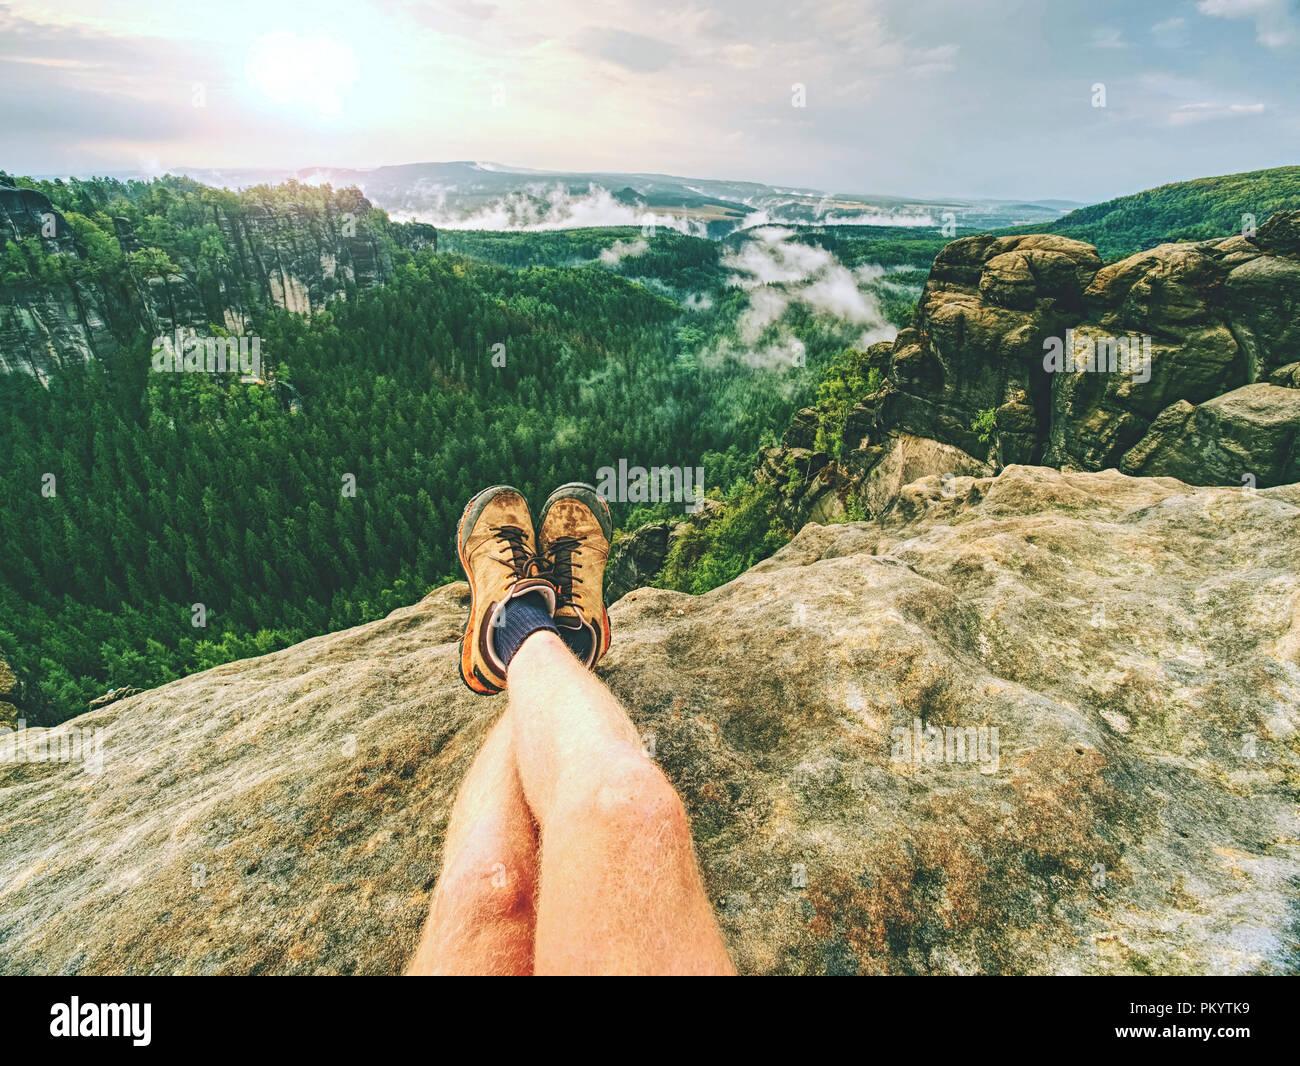 Caminante man tome un descanso en el pico de la montaña. Piernas macho en Cumbre afiladas y excursionista disfrutar de espectaculares vistas. Foto de stock